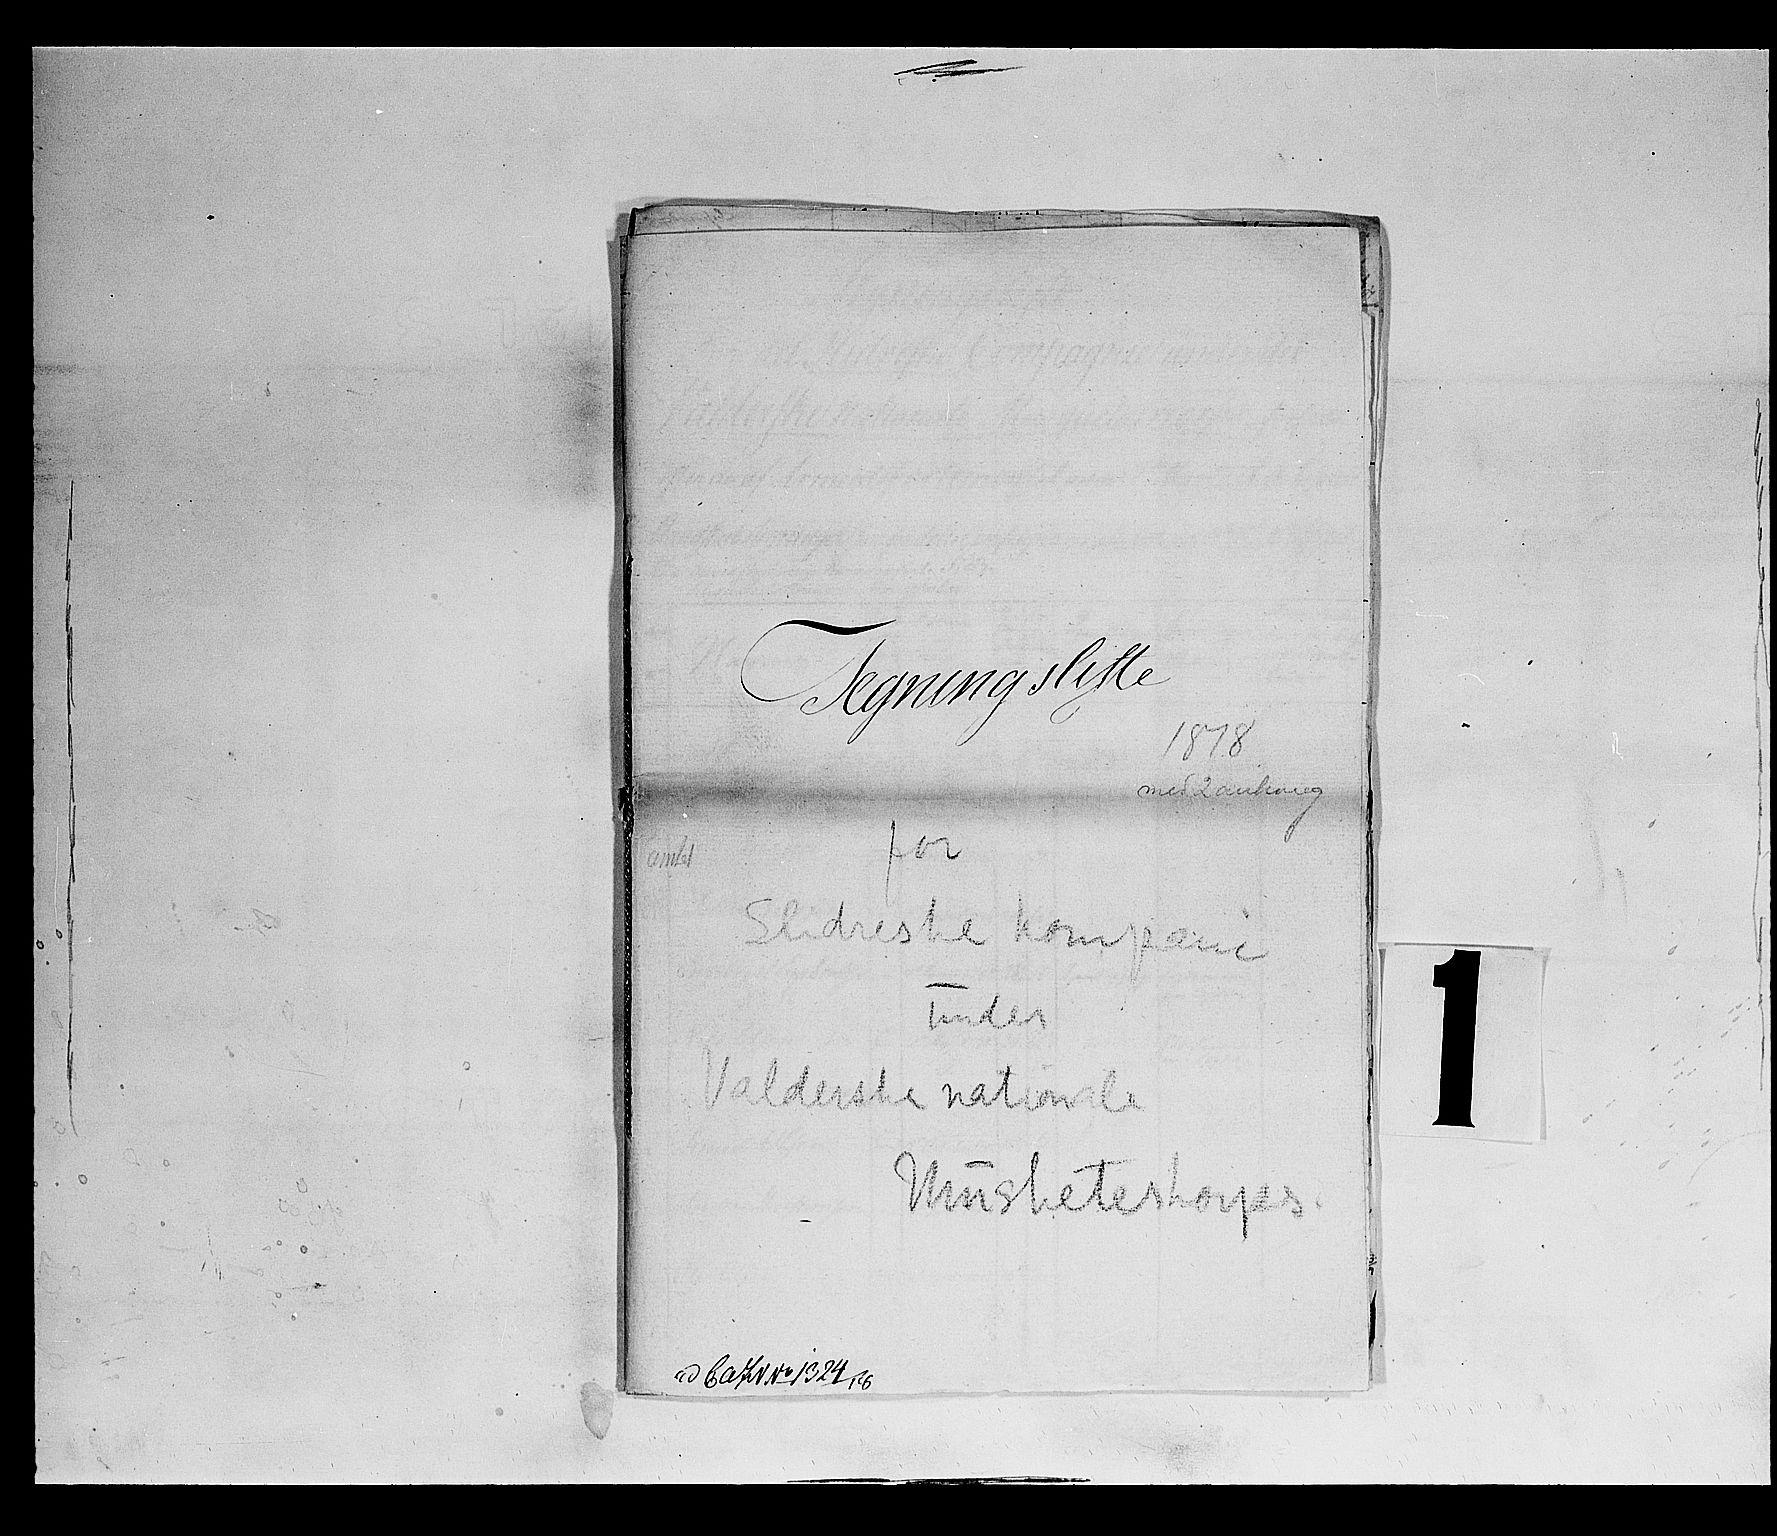 SAH, Fylkesmannen i Oppland, K/Kb/L1160: Valderske nasjonale musketérkorps - Slidreske kompani, 1818-1860, s. 2